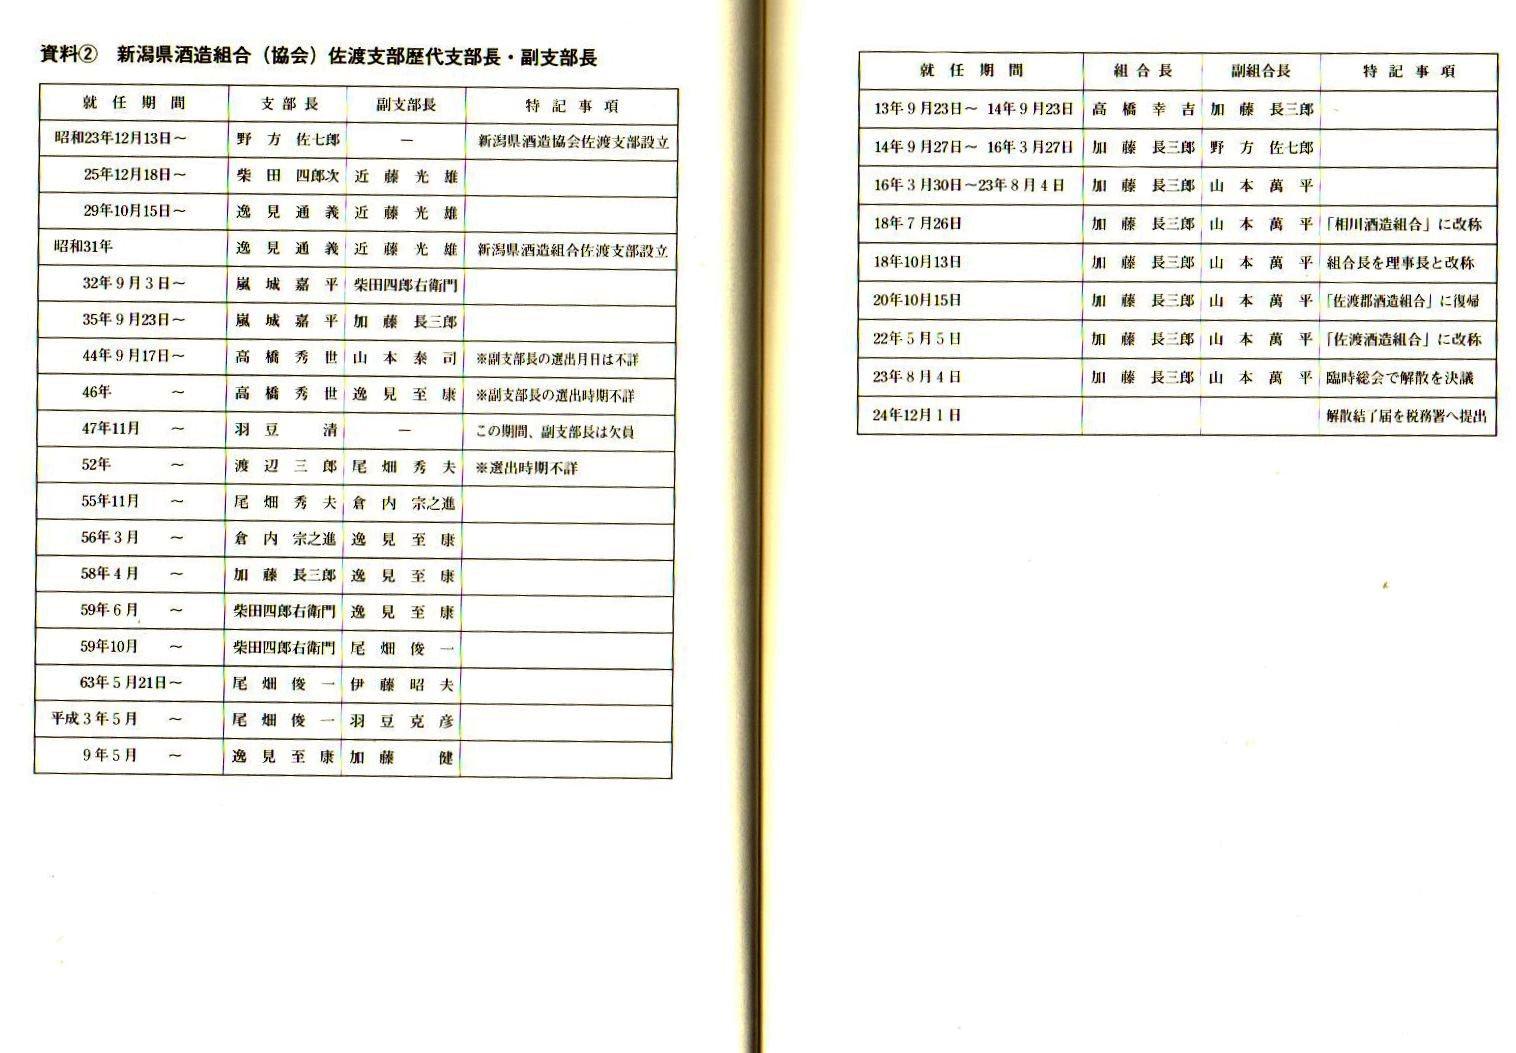 佐渡人名録 2013年12月